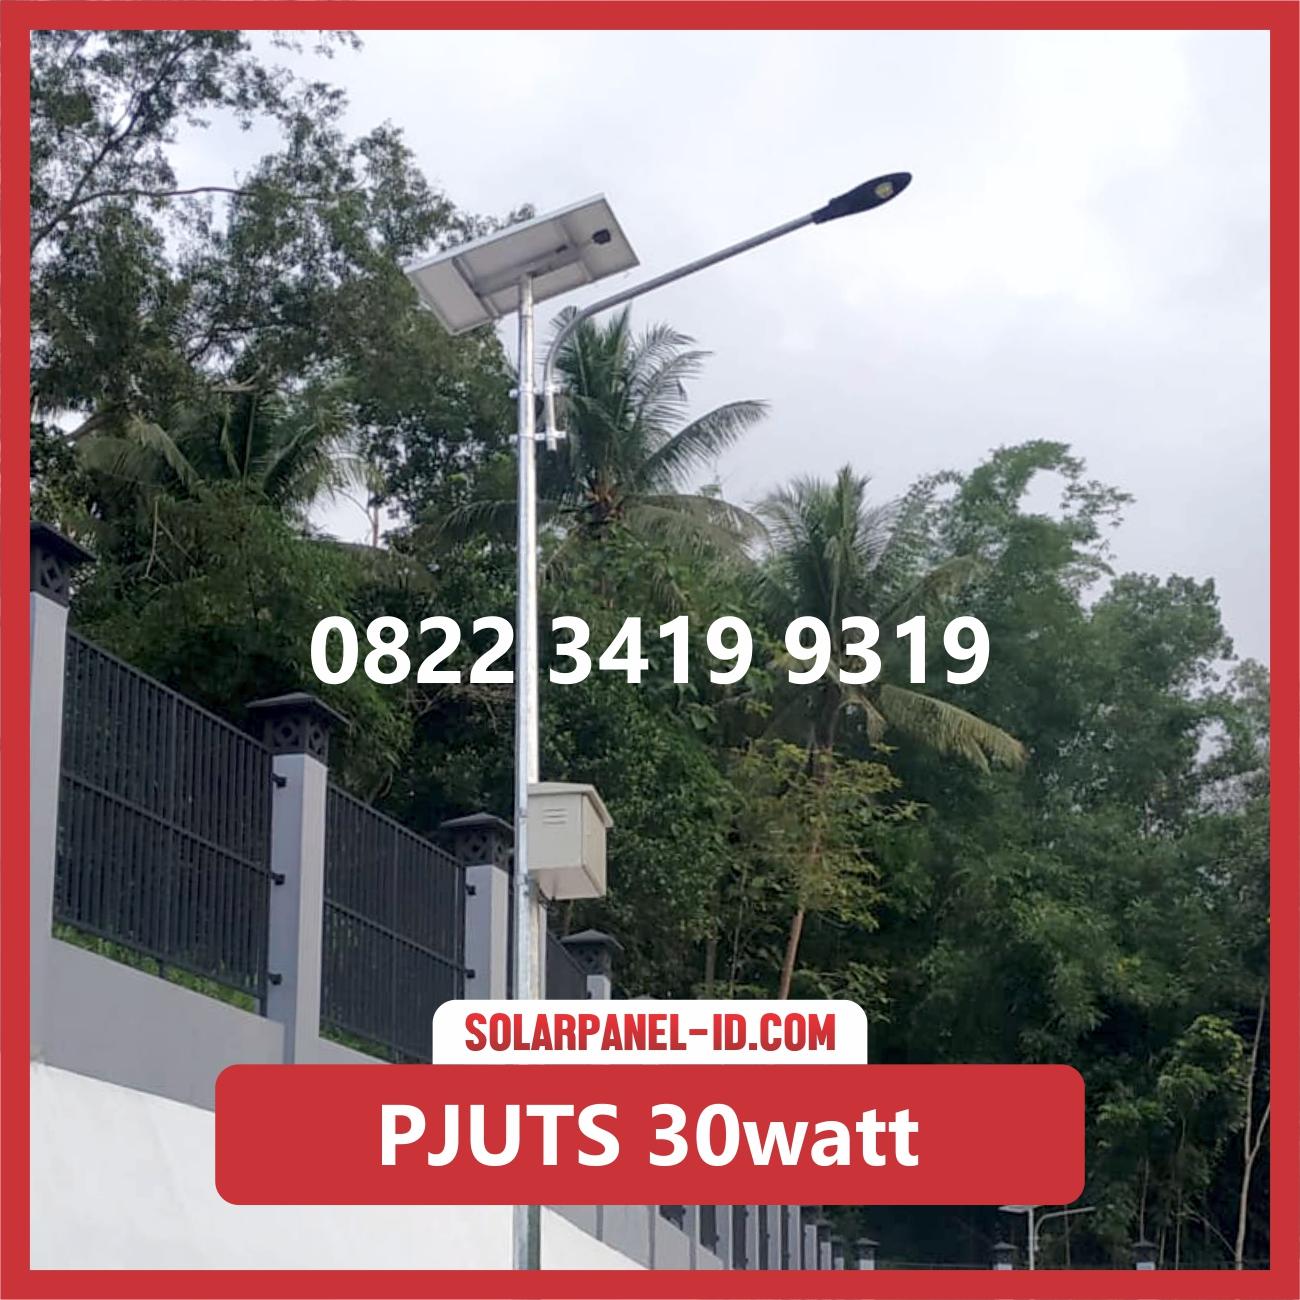 Paket Lampu Jalan Tenaga Surya 30watt – PJU Solarcell 30 watt | Penerangan Jalan Umum (PJU)